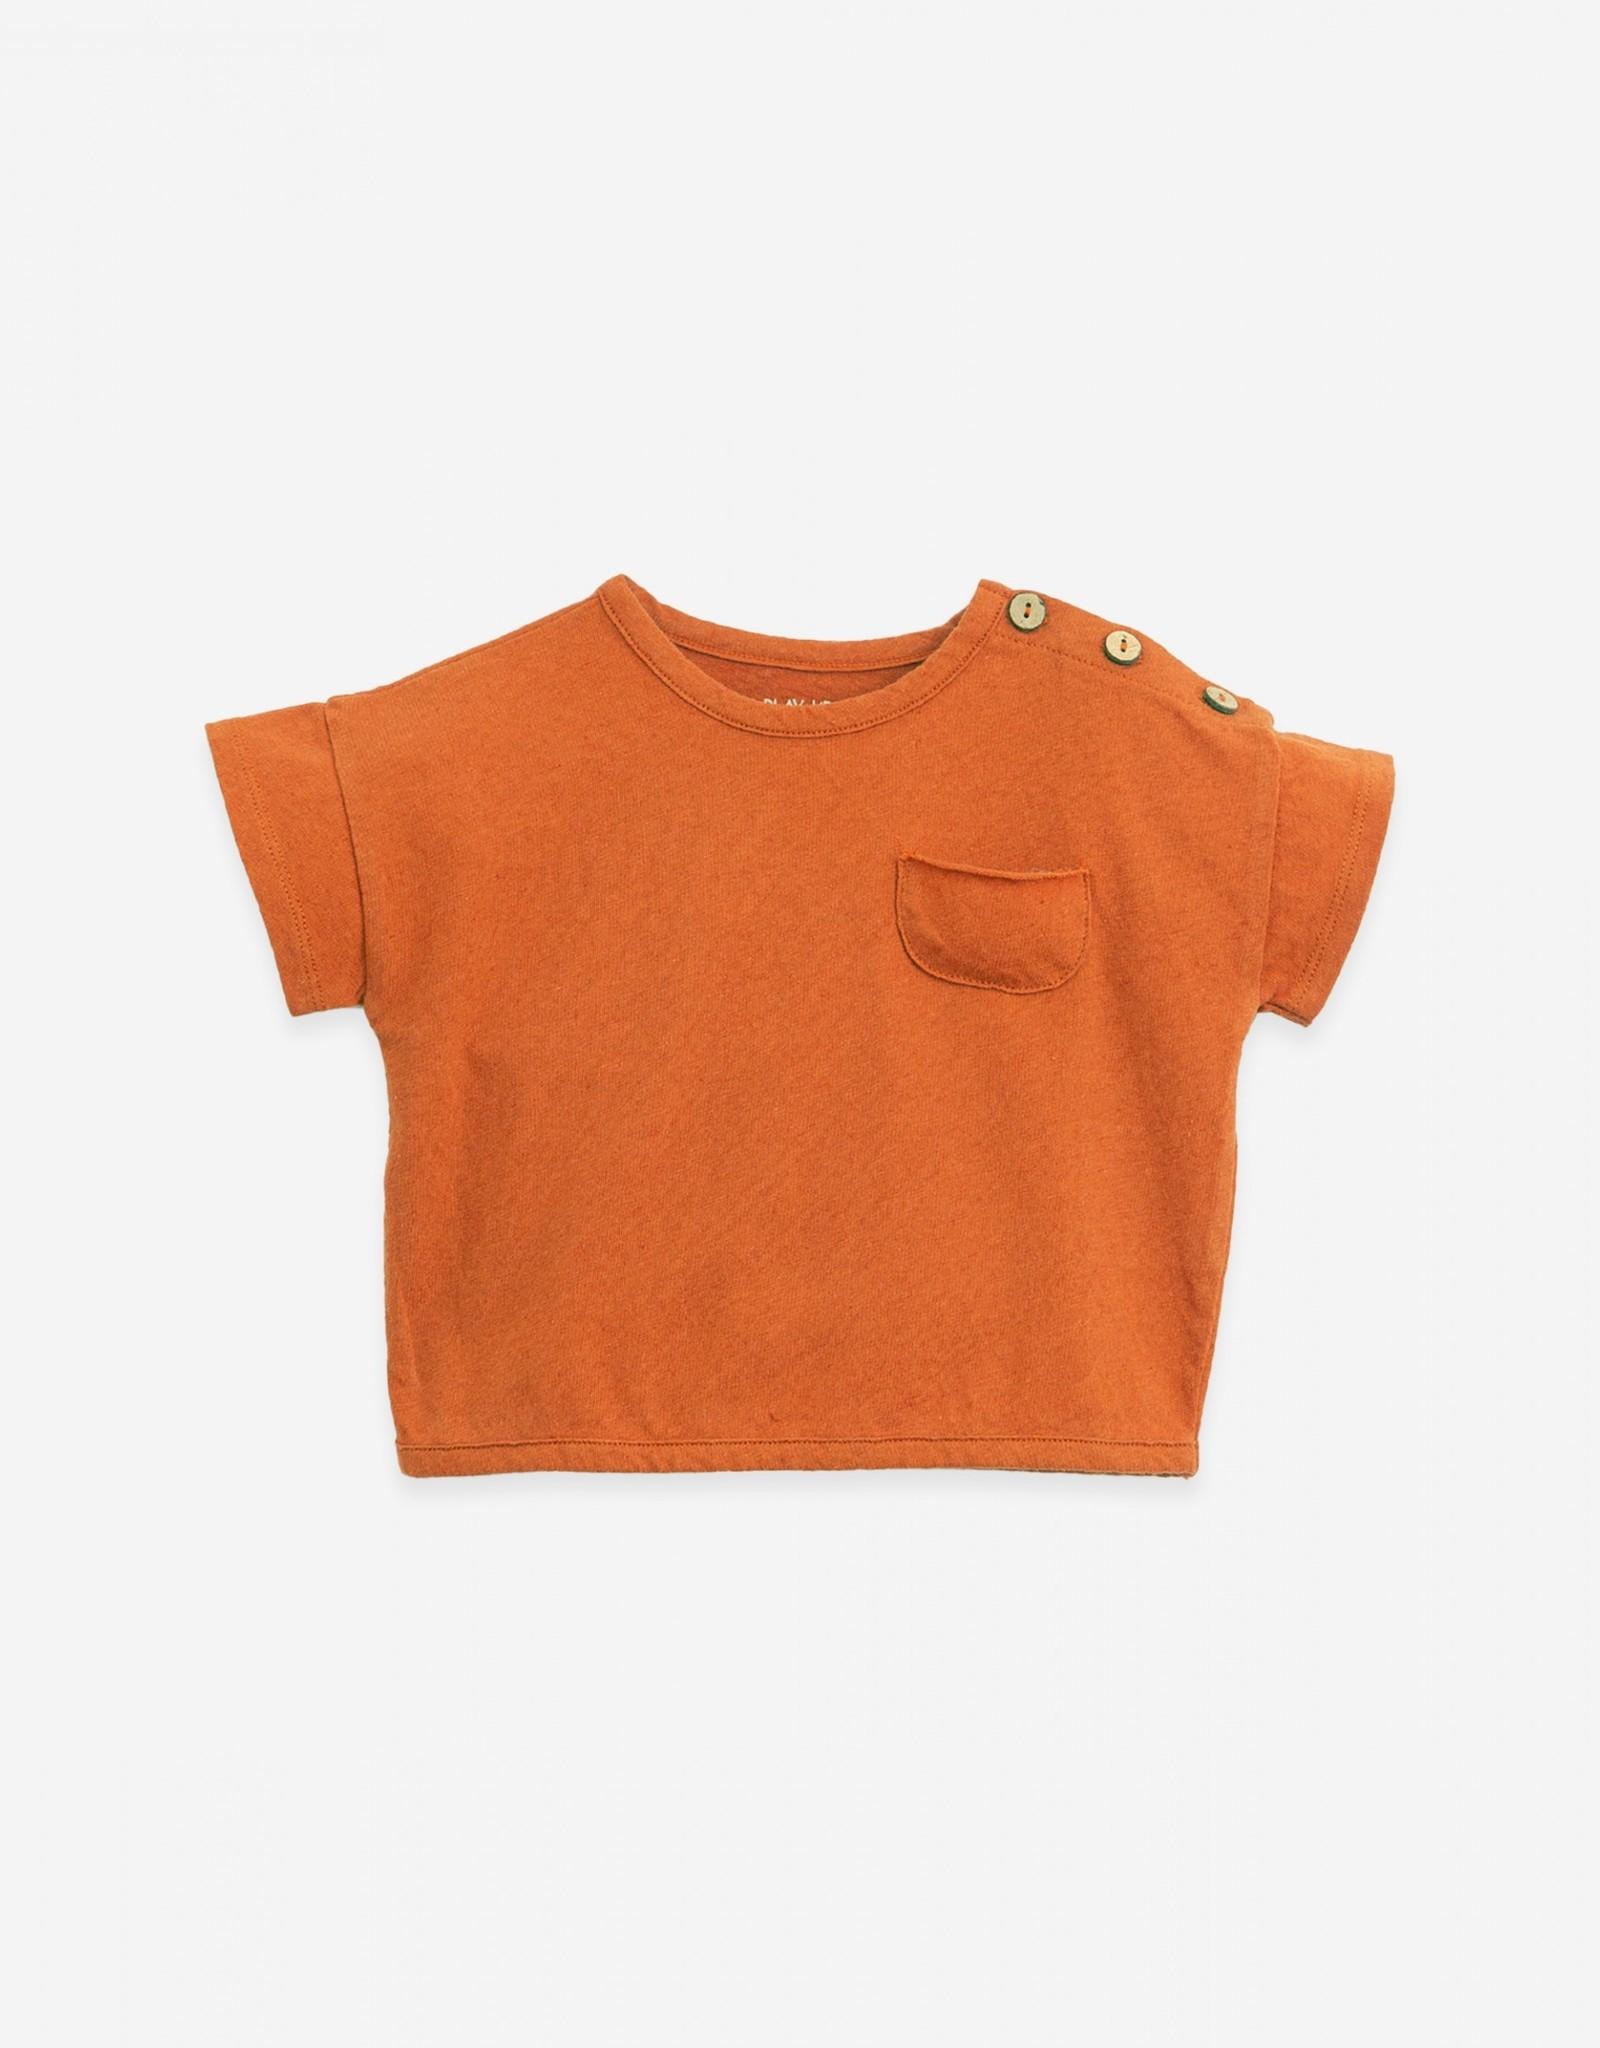 Play Up Play Up t-shirt met knoopjes en zakje anise (donkeroranje)